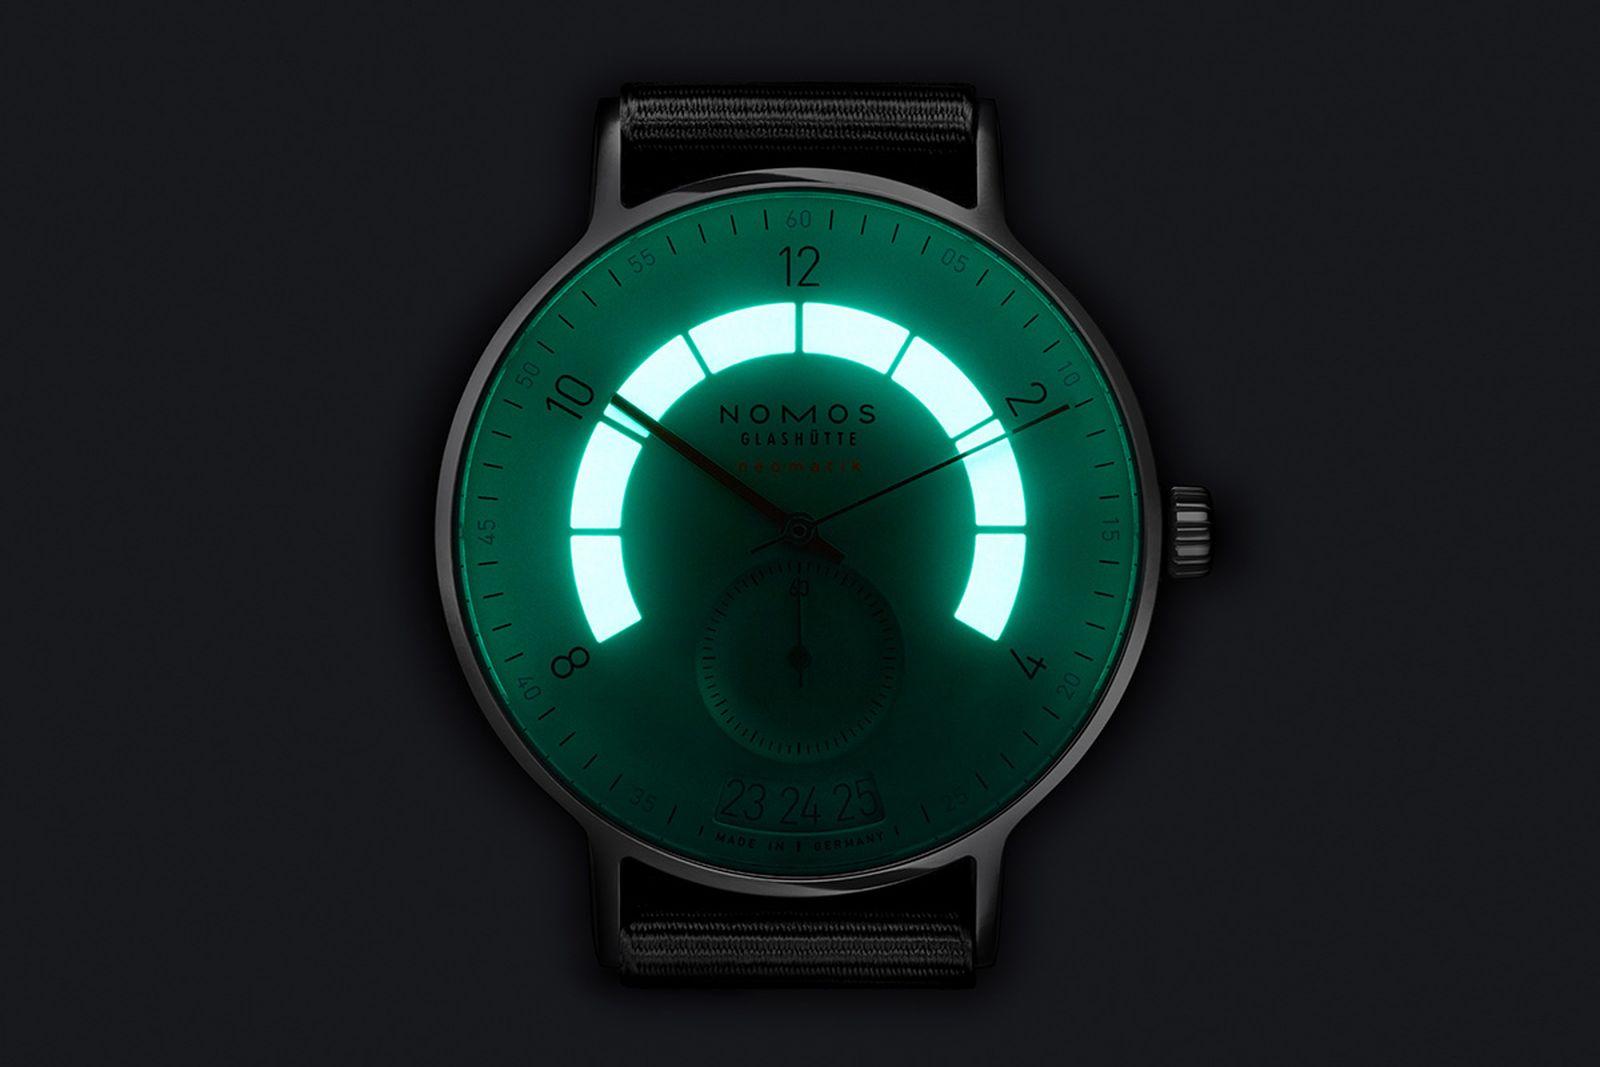 nomos german watch brand redefining luxury watches nomos glashutte